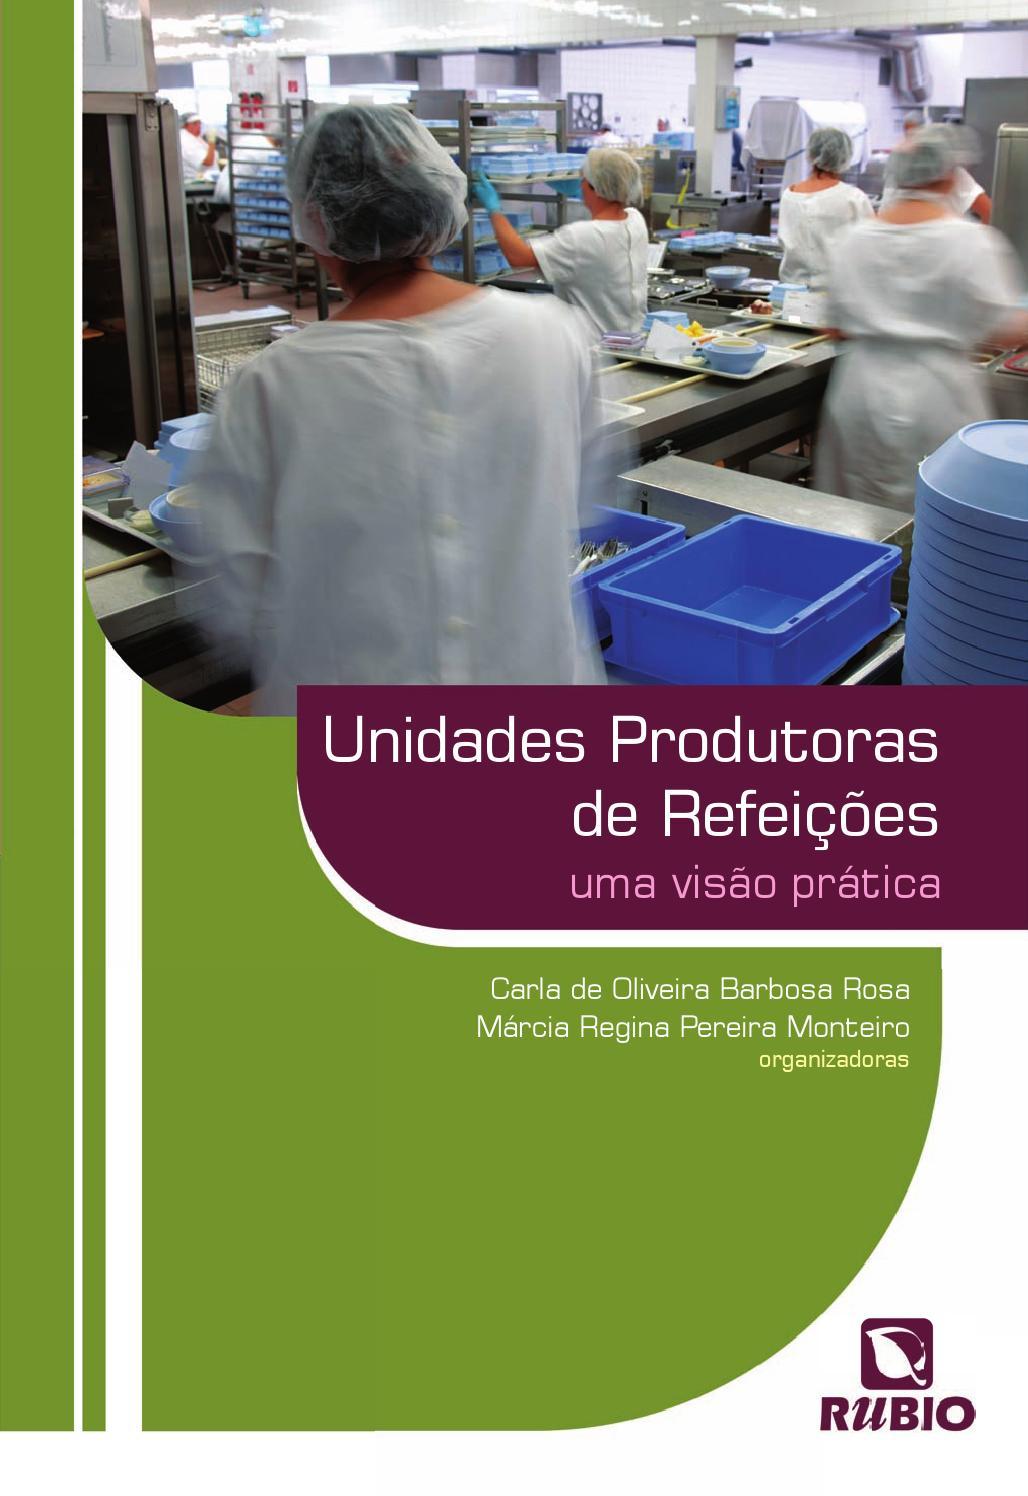 unidades produtoras de refei231245es uma vis227o pr225tica